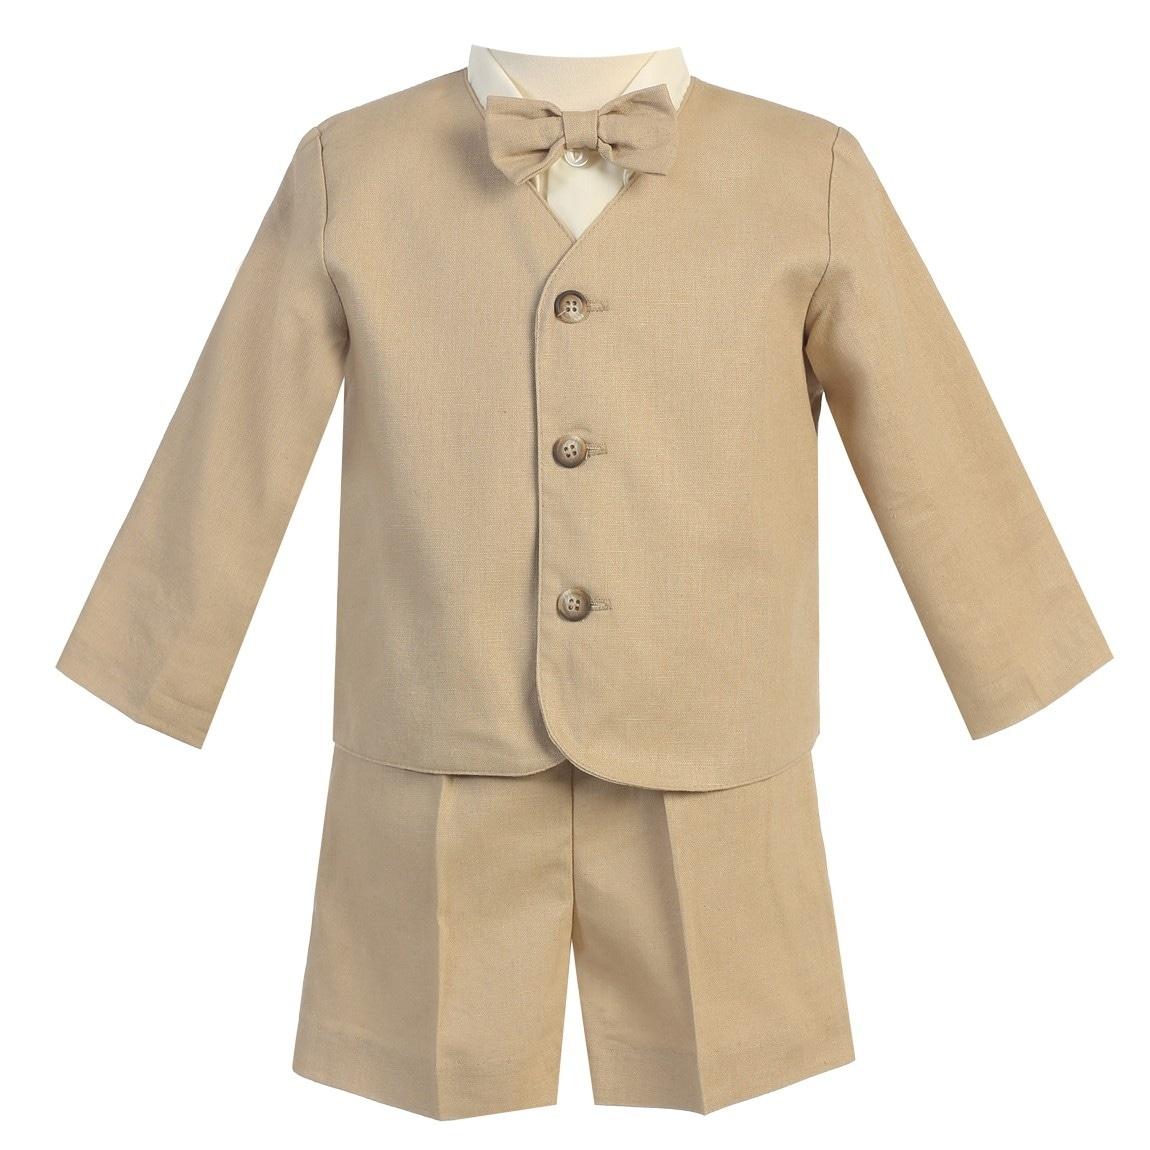 Lito Baby Boys Ivory Eton Short Formal Ring Bearer Easter Suit 6-24M